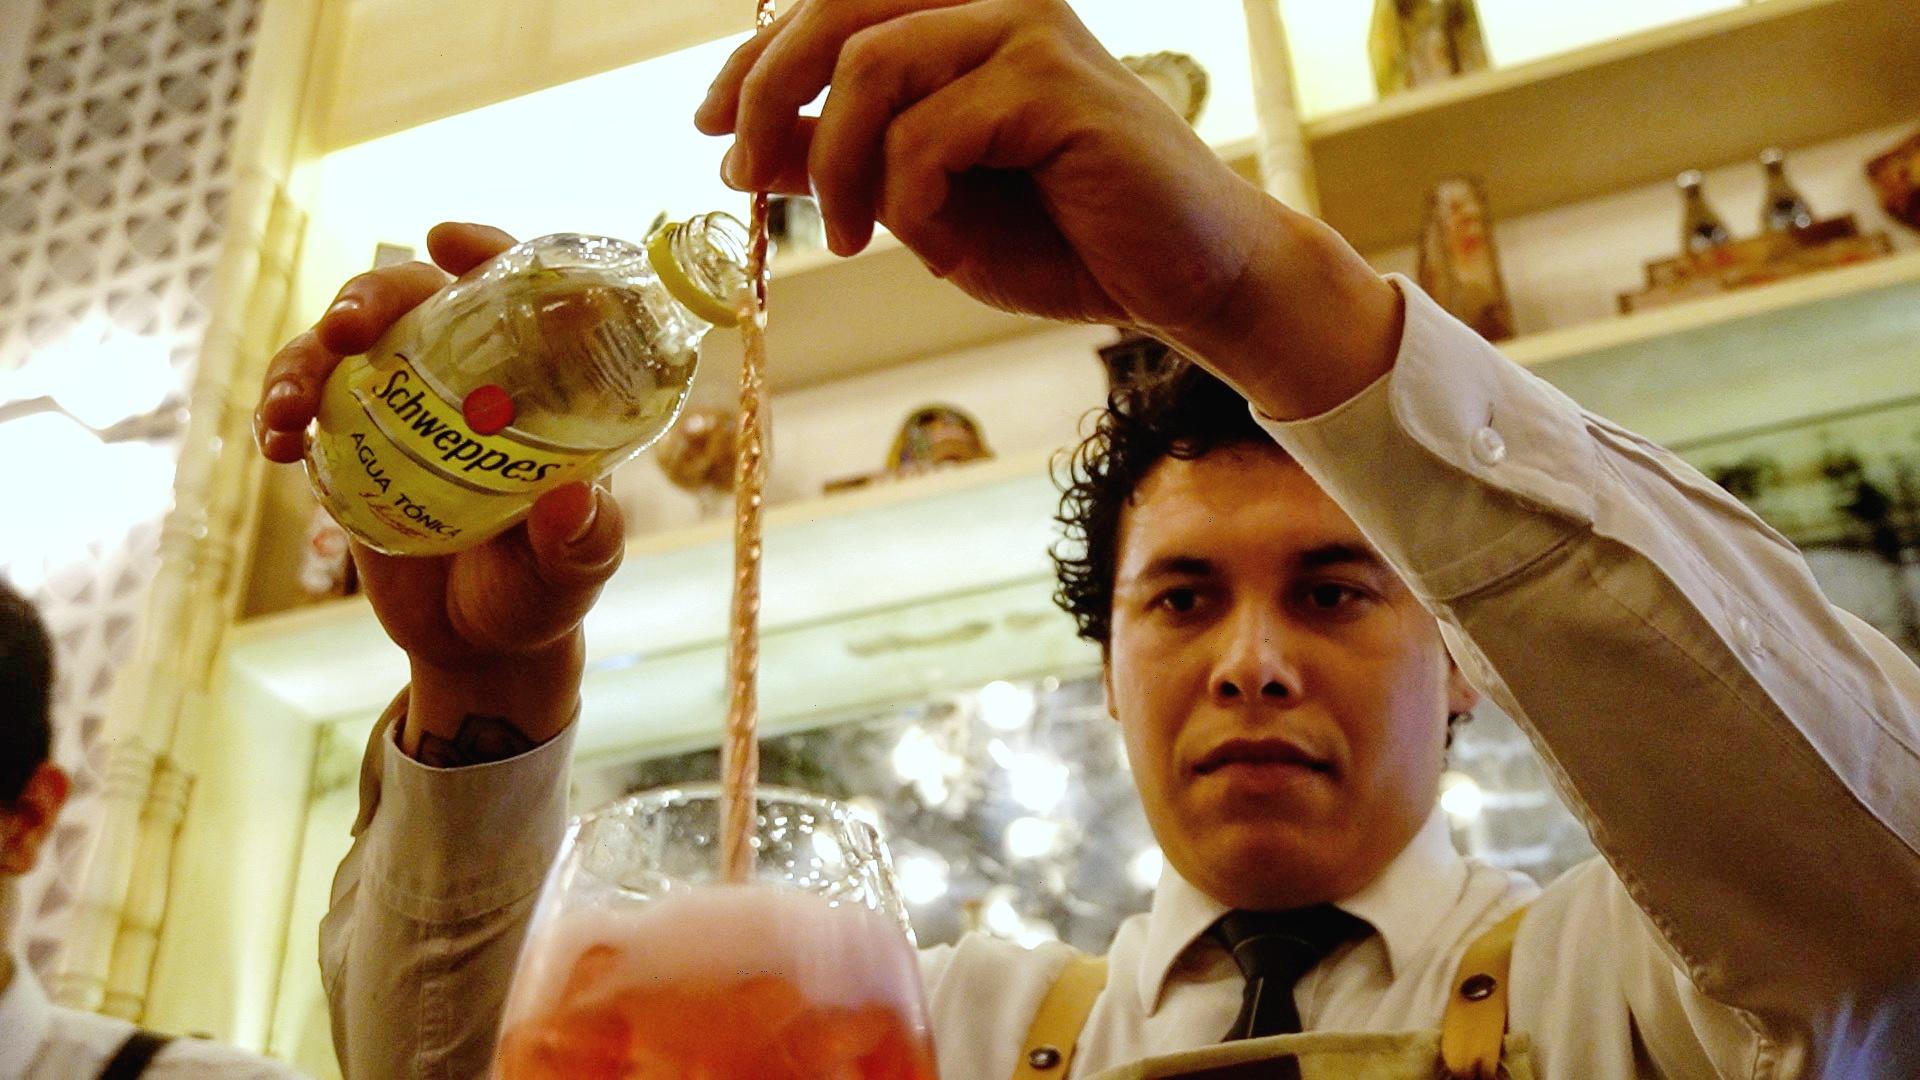 La mixología es otro de los atractivos del restaurante Emiliano Comida y Vino de Tepic